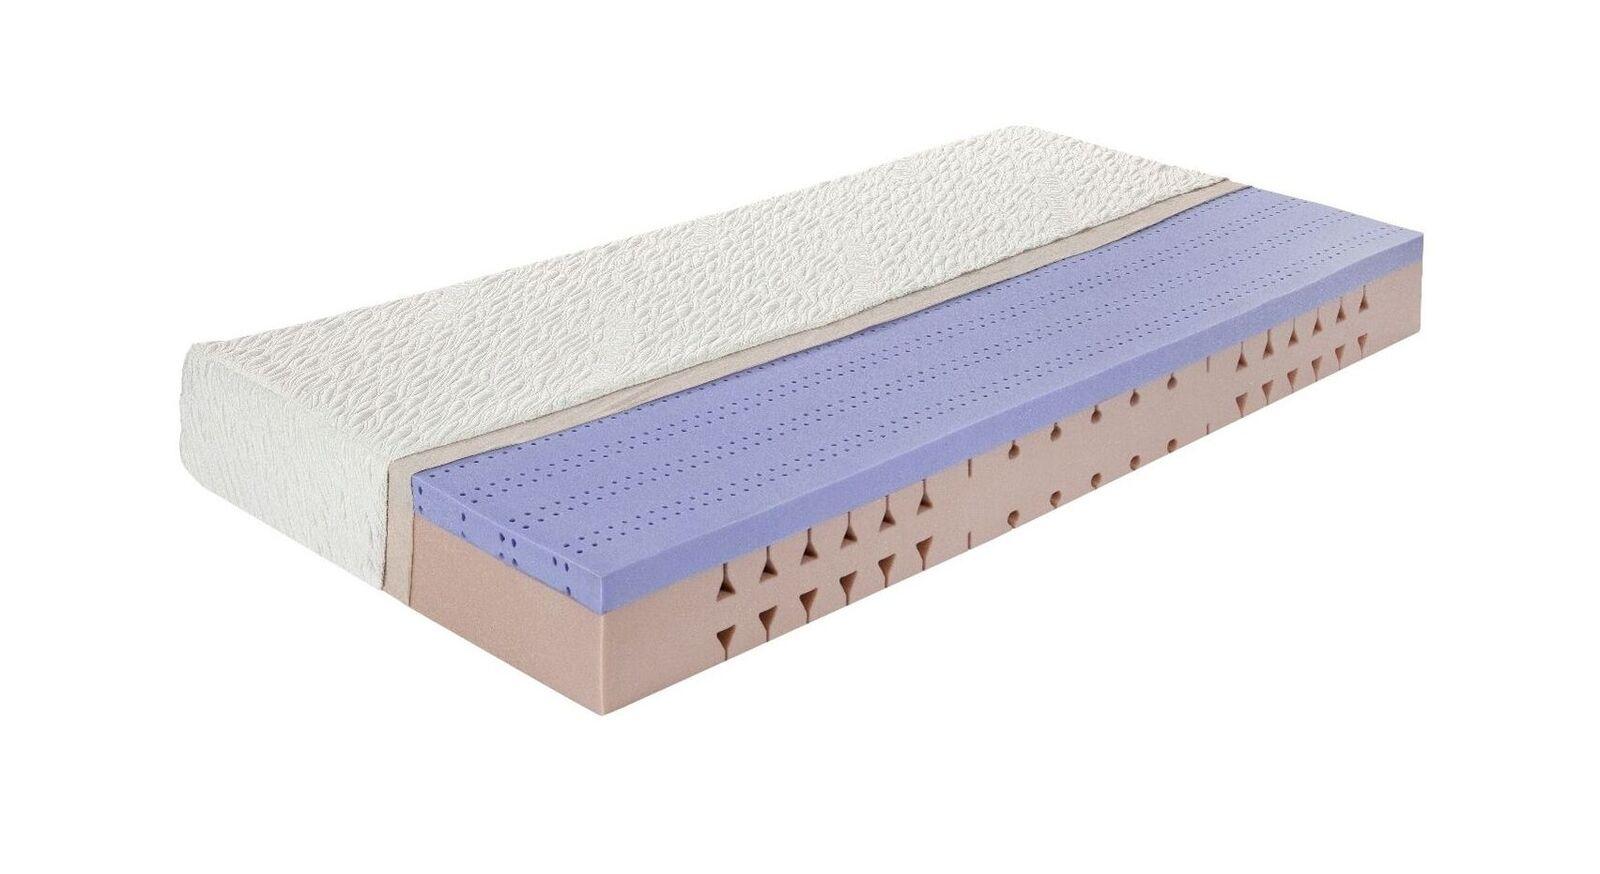 Gelschaum-Matratze CleverSleep Comfort mit Kaltschaumkern